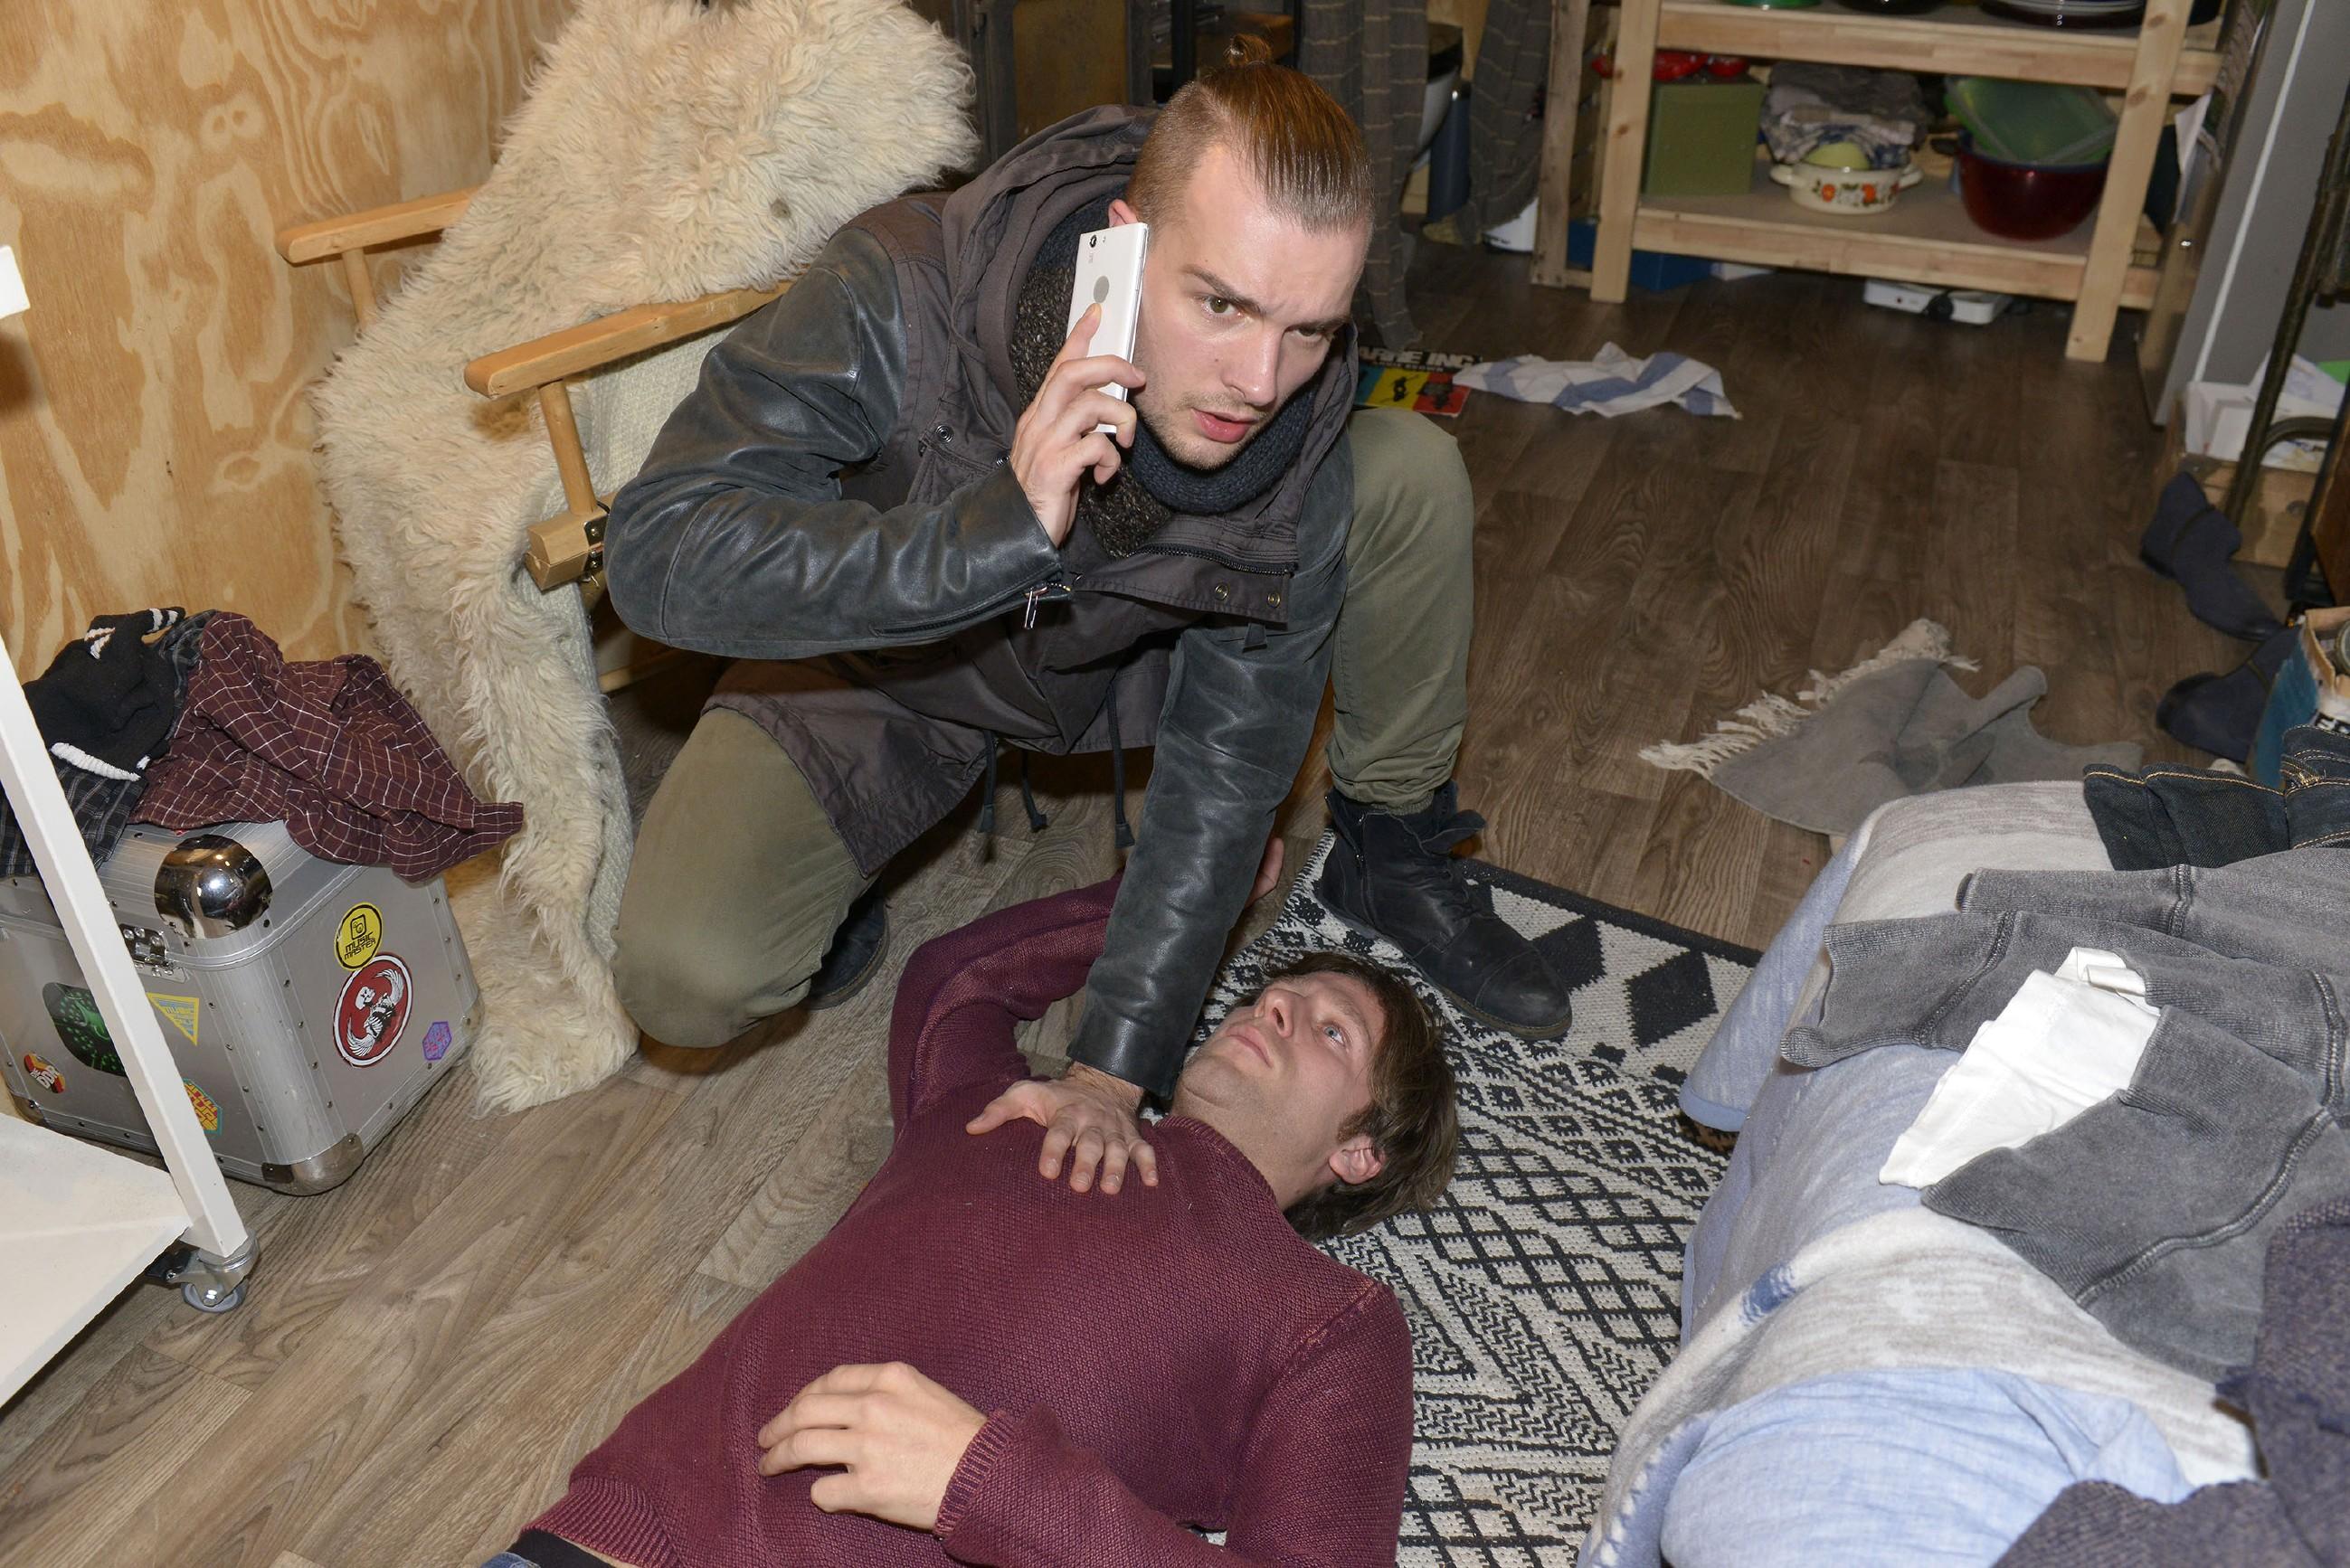 Chris (Eric Stehfest, l.) ruft Hilfe, als er den kollabierten Till (Merlin Leonhardt) im Bauwagen findet...